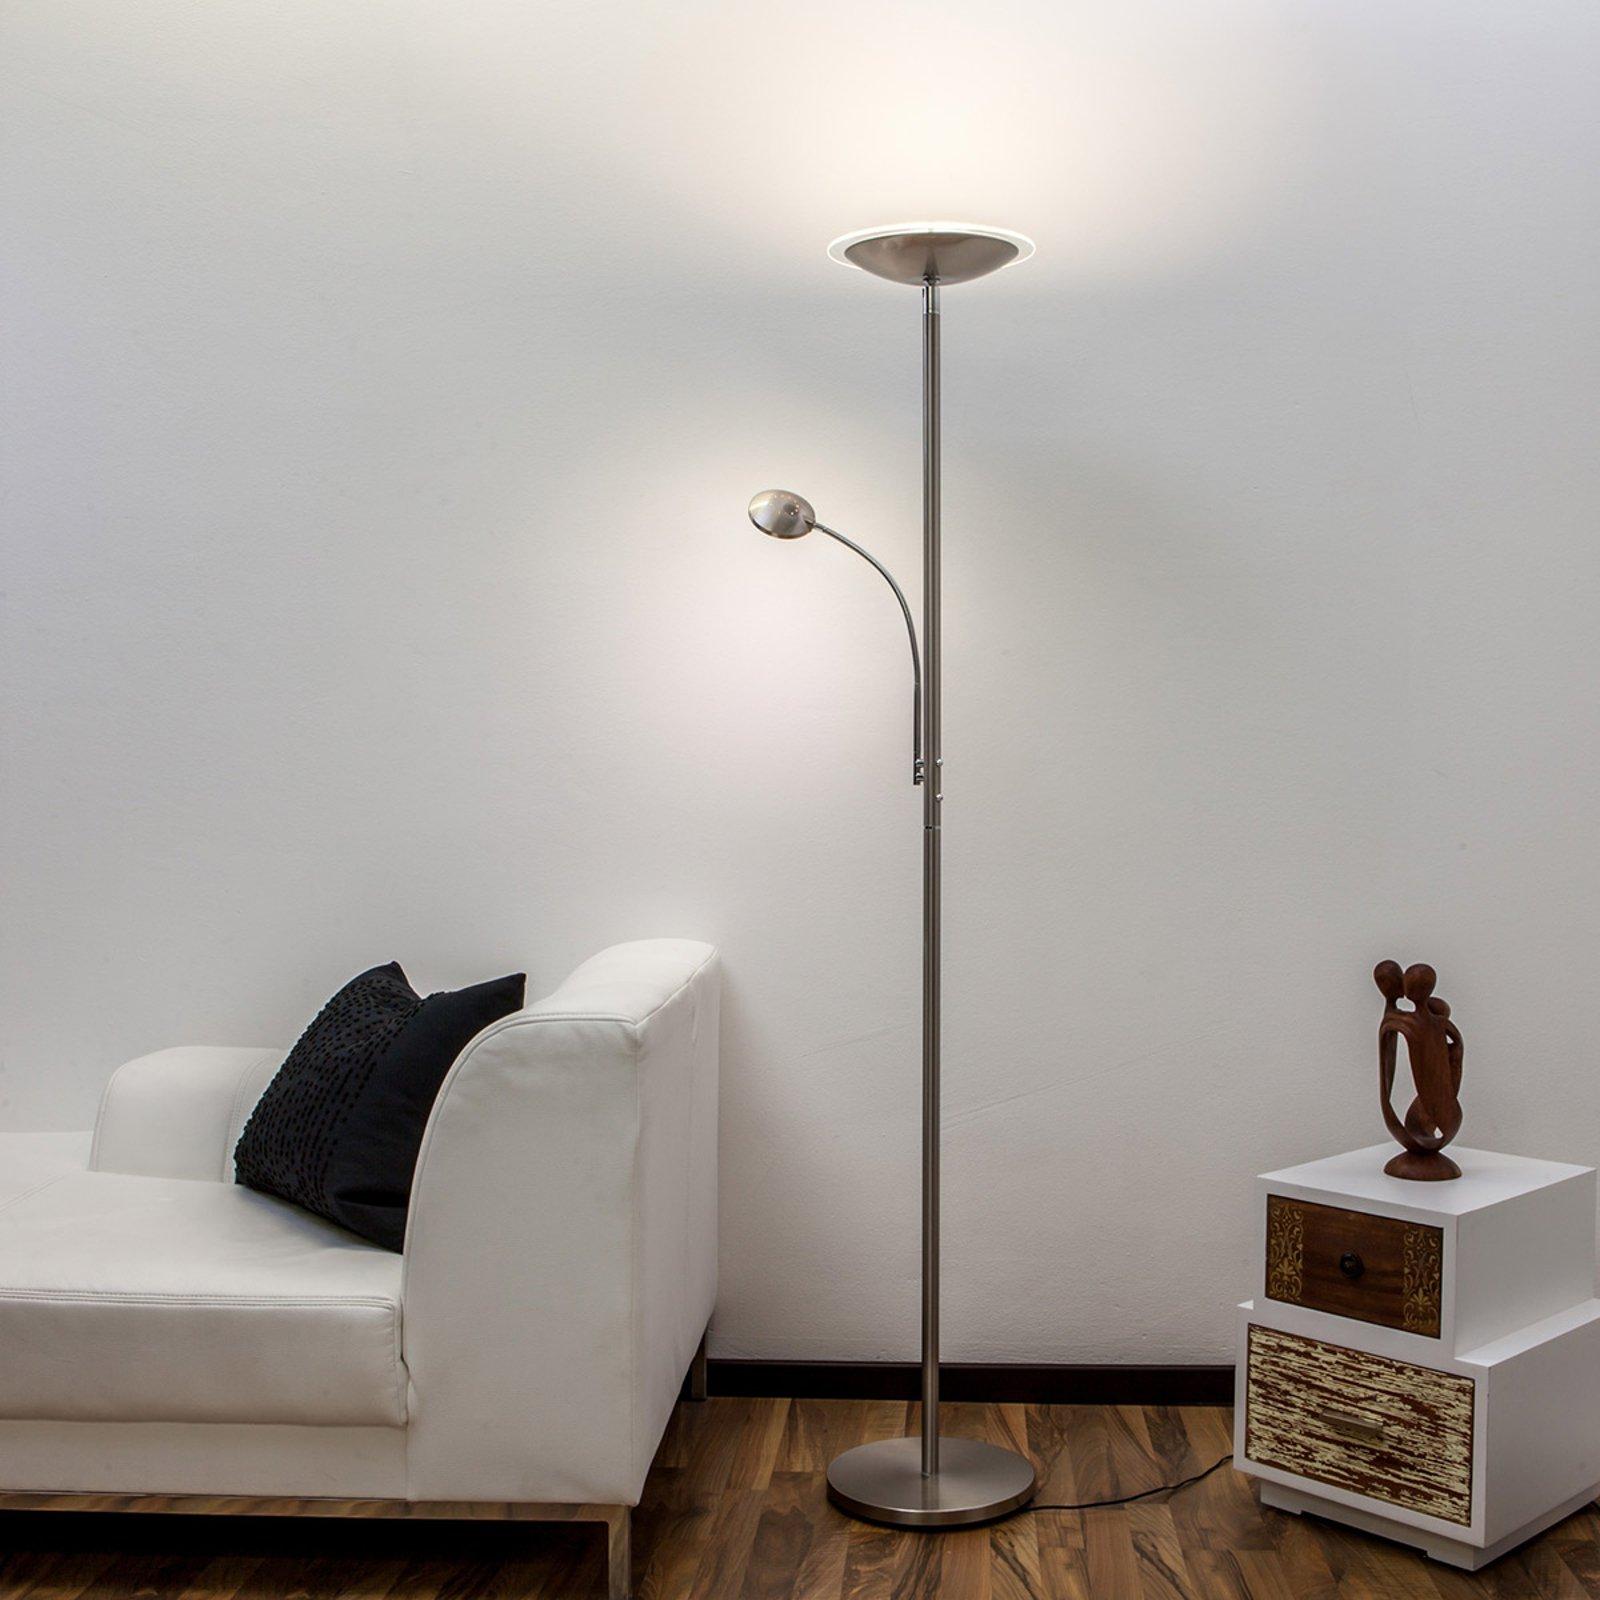 Malea - LED-uplight lampe med lesearm, nikkel